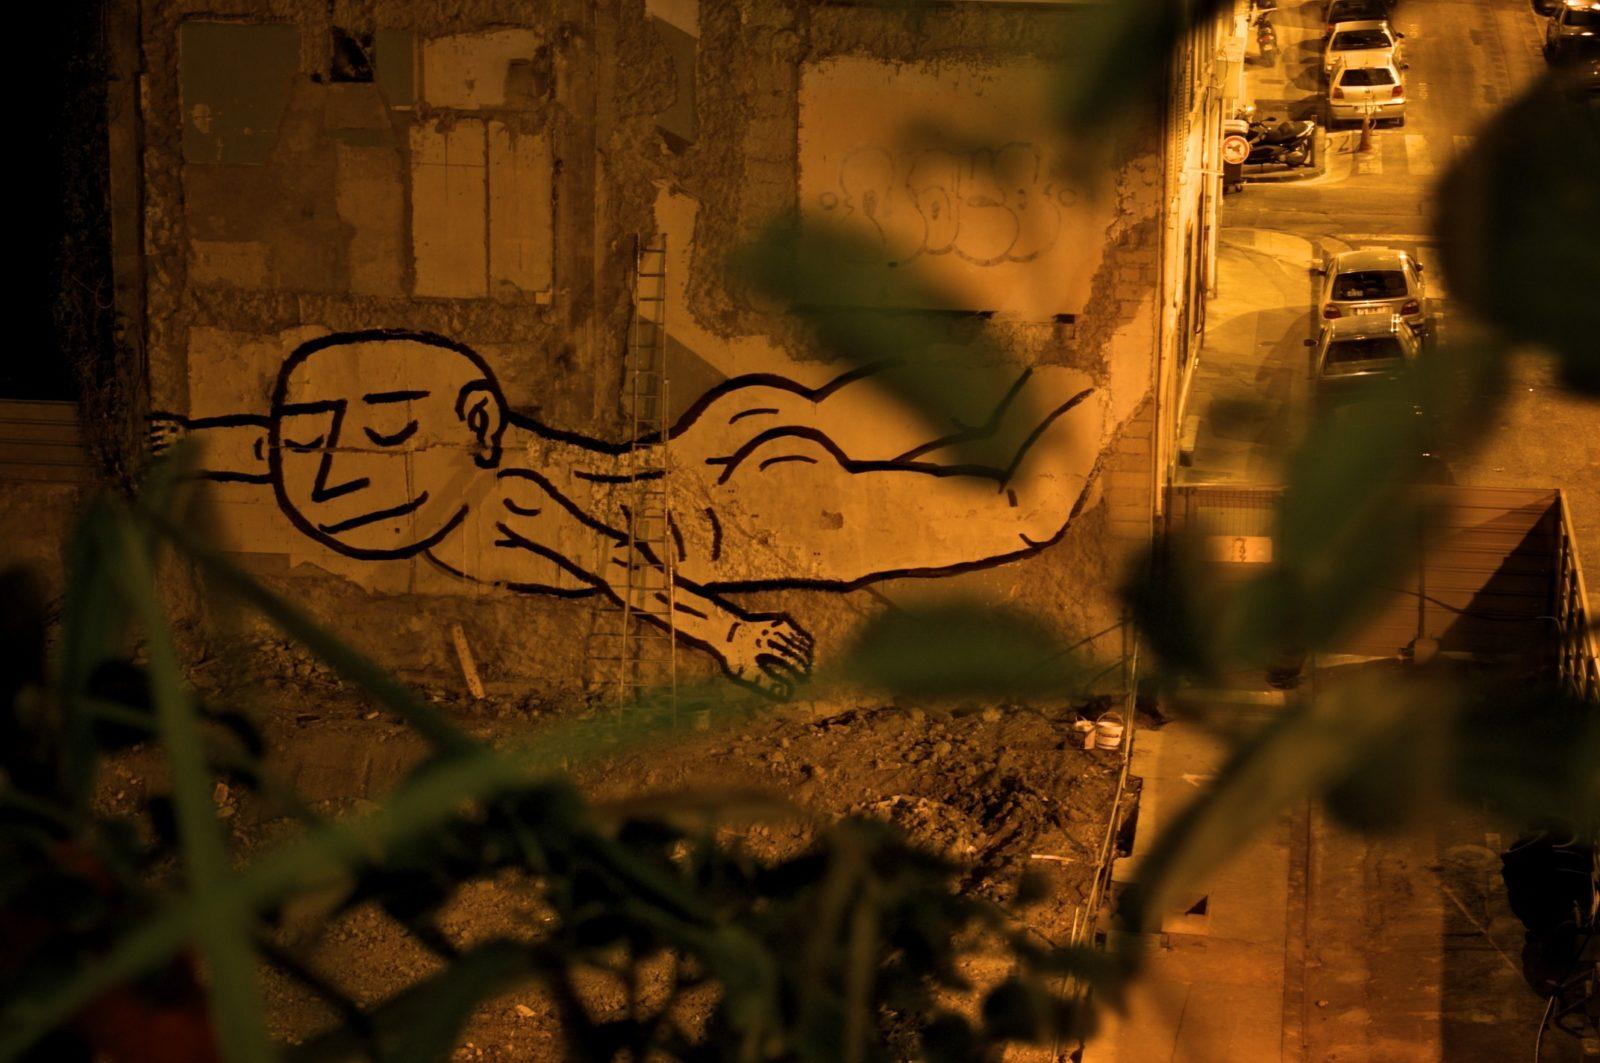 zooproject hommage bilalberreni streetart ulule radar murale marseille graffiti nuit tommenigault - Coup de pouce RADAR x Ulule : Hommage à Zoo project